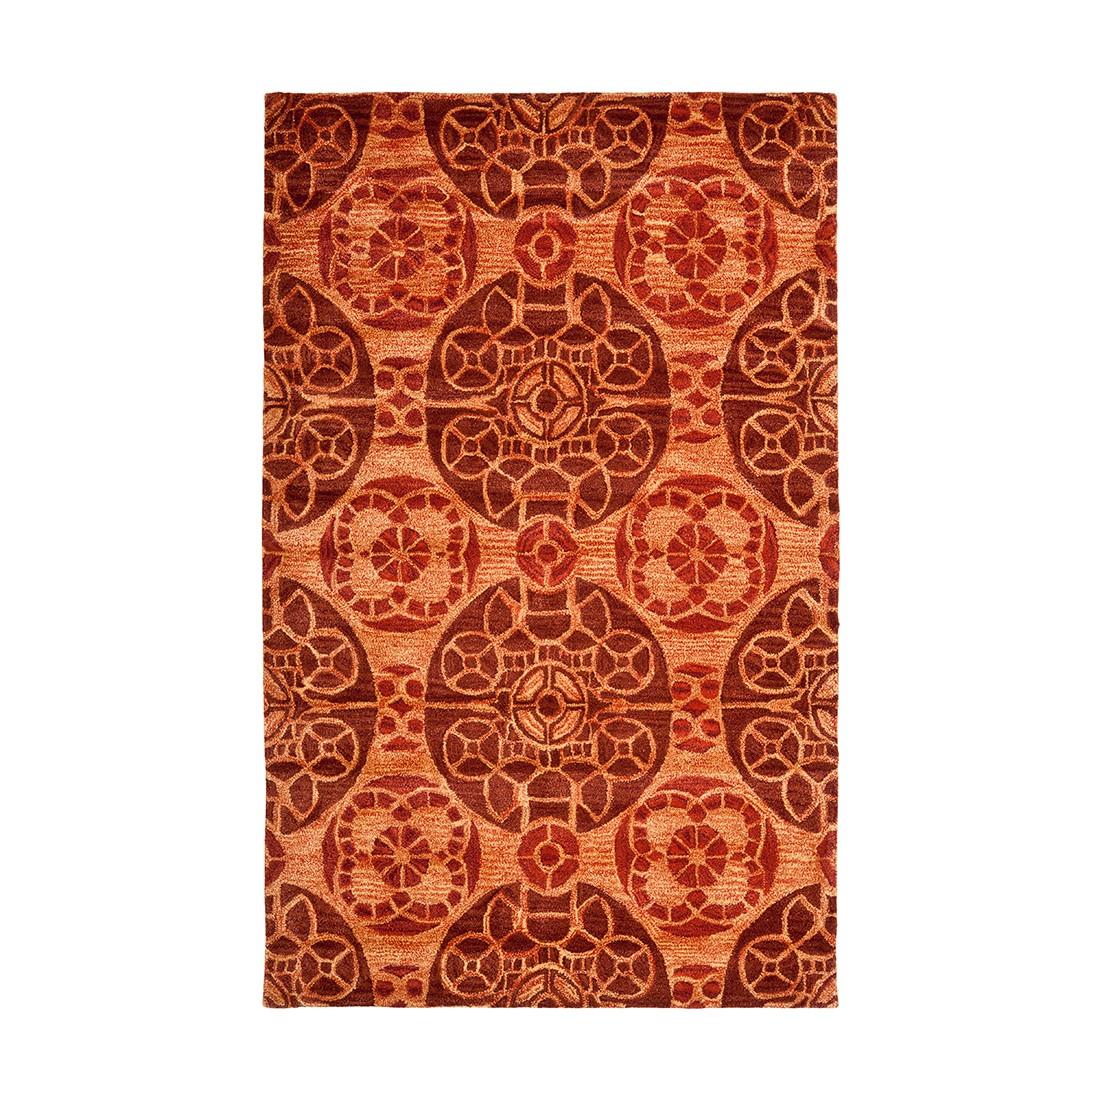 Teppich Mali – Zimt – 153 x 244 cm, Safavieh jetzt bestellen